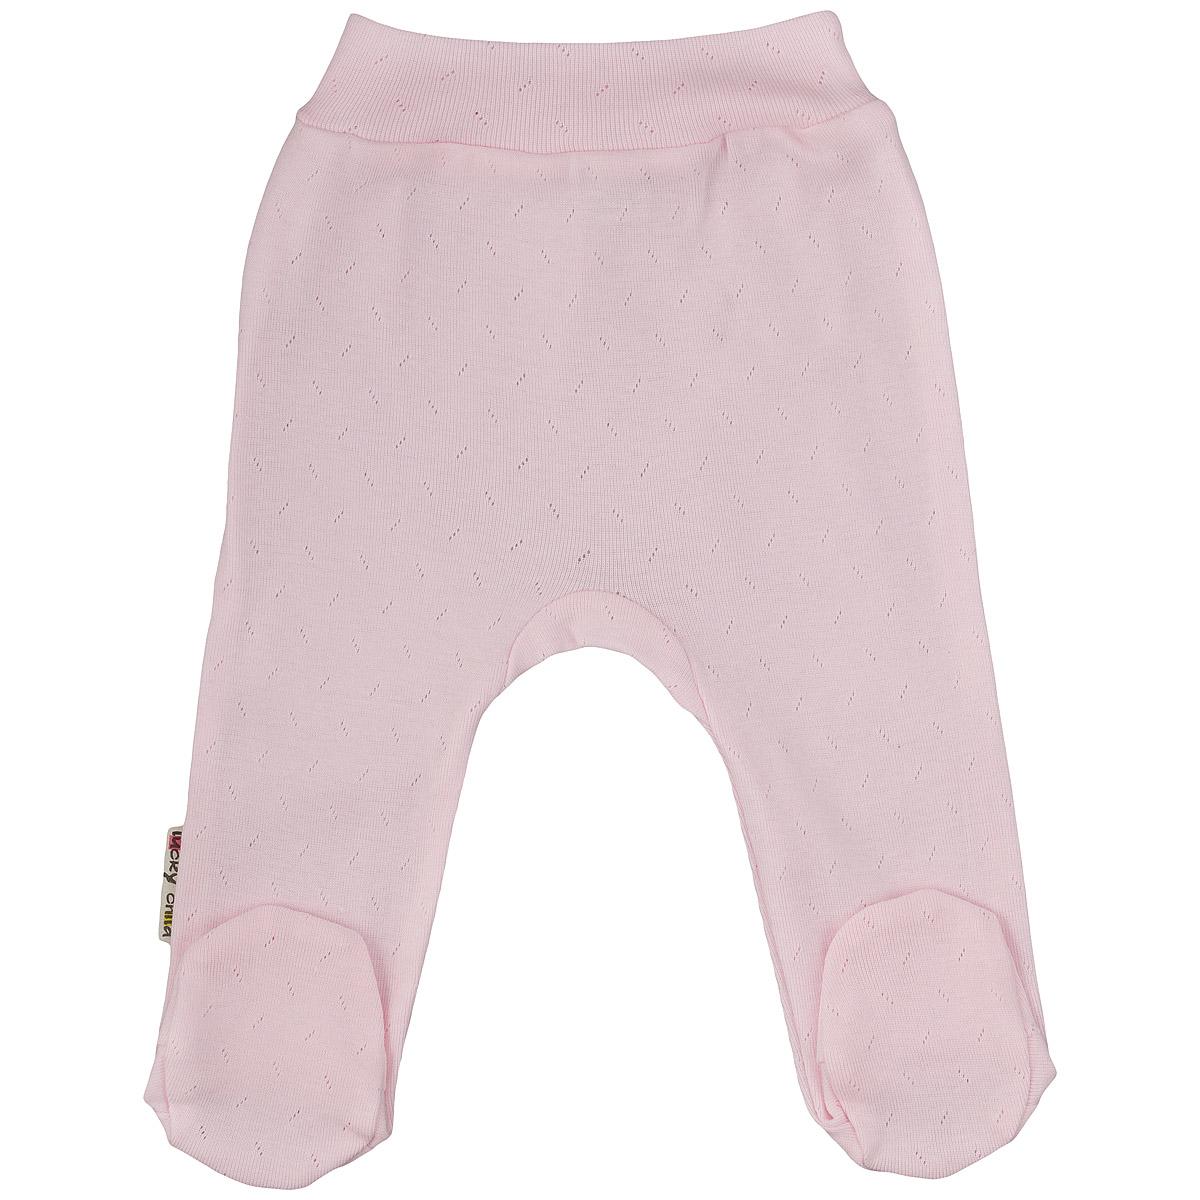 Ползунки на широком поясе Lucky Child Ажур, цвет: розовый. 0-11. Размер 74/800-11Удобные ползунки для новорожденного Lucky Child Ажур на широком поясе послужат идеальным дополнением к гардеробу вашего малыша. Ползунки, изготовленные из натурального хлопка, необычайно мягкие и легкие, не раздражают нежную кожу ребенка и хорошо вентилируются, а эластичные швы приятны телу младенца и не препятствуют его движениям. Ползунки с закрытыми ножками, выполненные из ткани с ажурным узором, благодаря мягкому эластичному поясу не сдавливают животик ребенка и не сползают, обеспечивая ему наибольший комфорт, идеально подходят для ношения с подгузником и без него.Ползунки отлично сочетаются с футболками, кофточками и боди. В них вашему малышу будет уютно и комфортно!